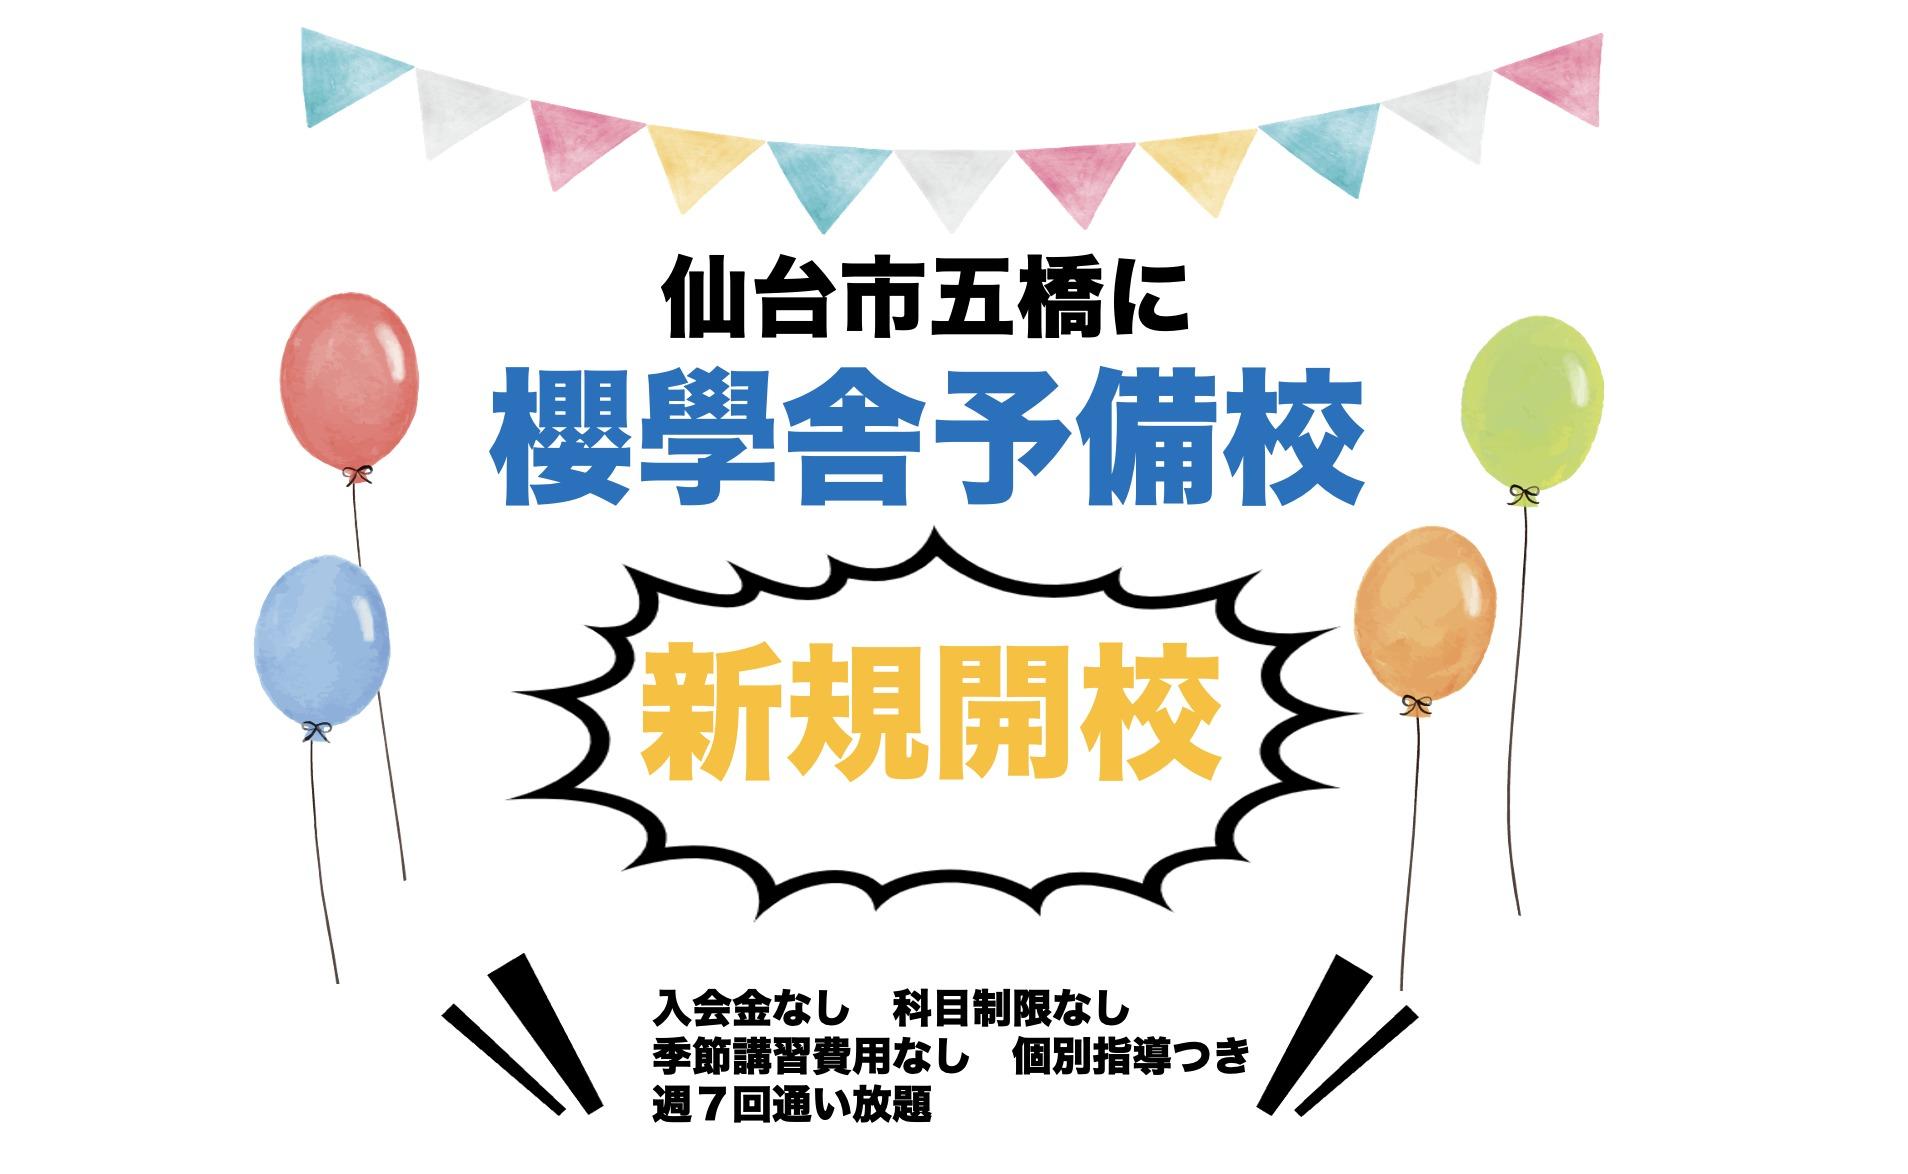 櫻學舎予備校新規開校